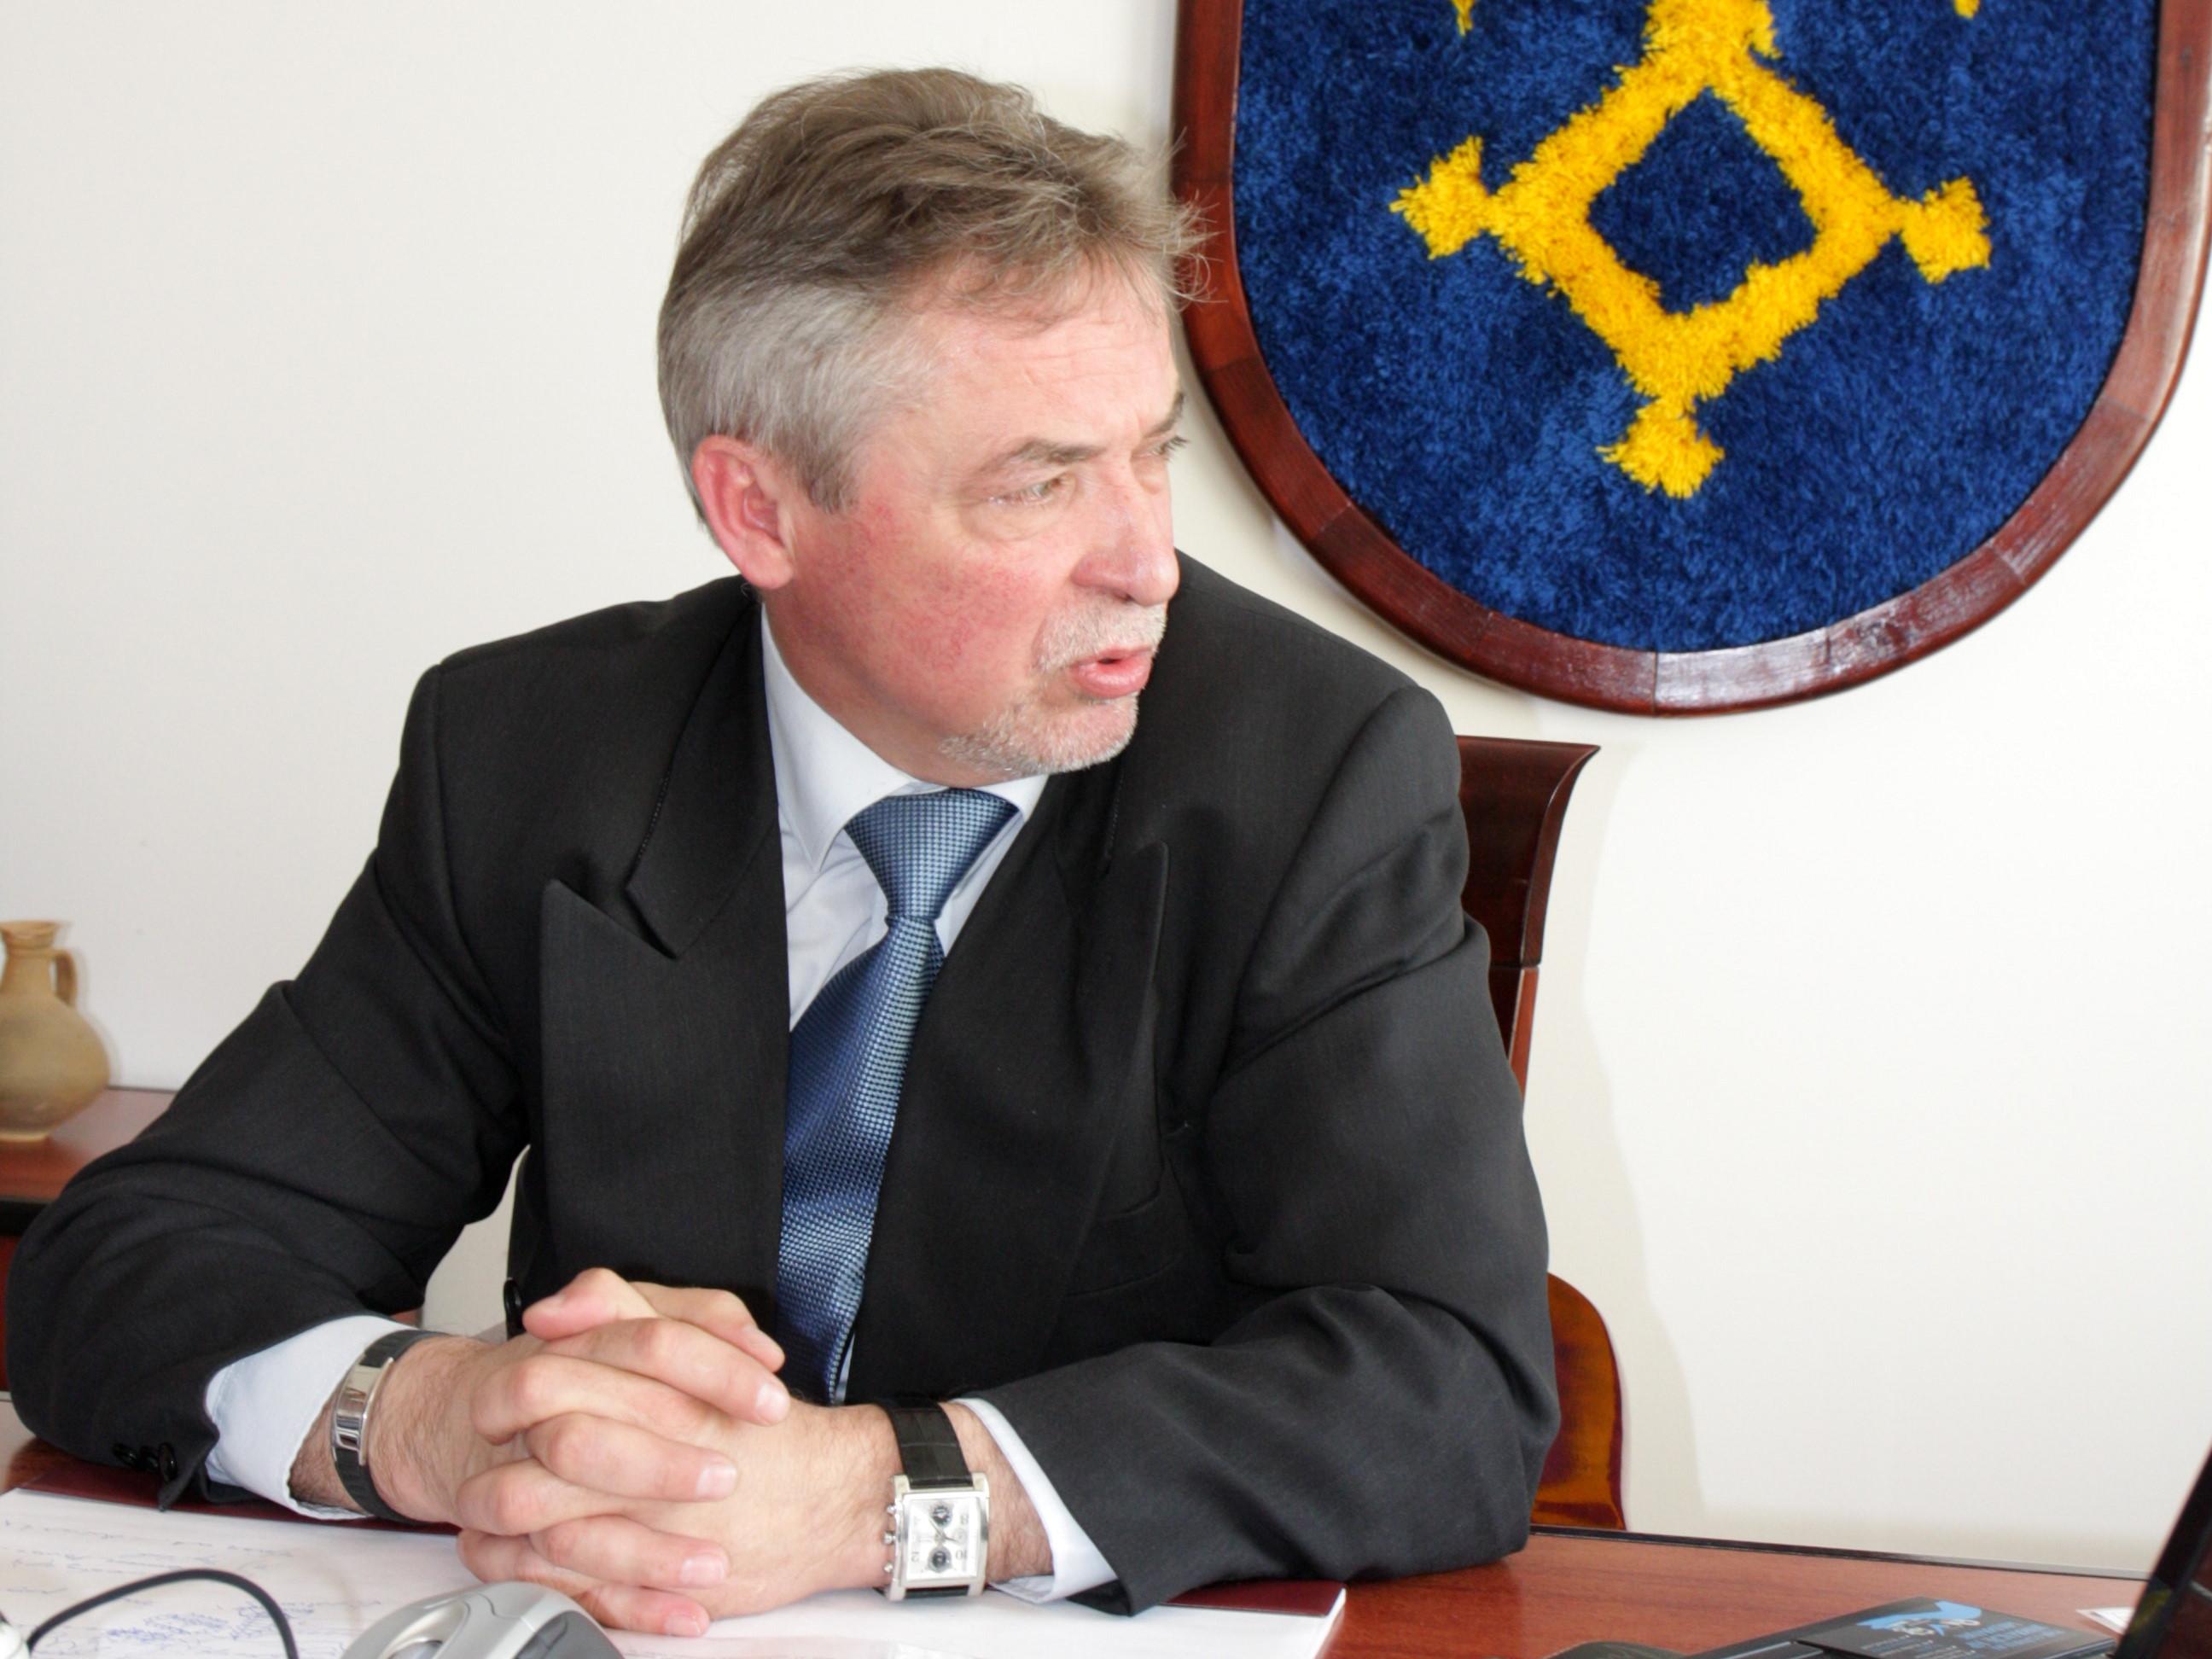 Wywiad z burmistrzem Wądołowskim